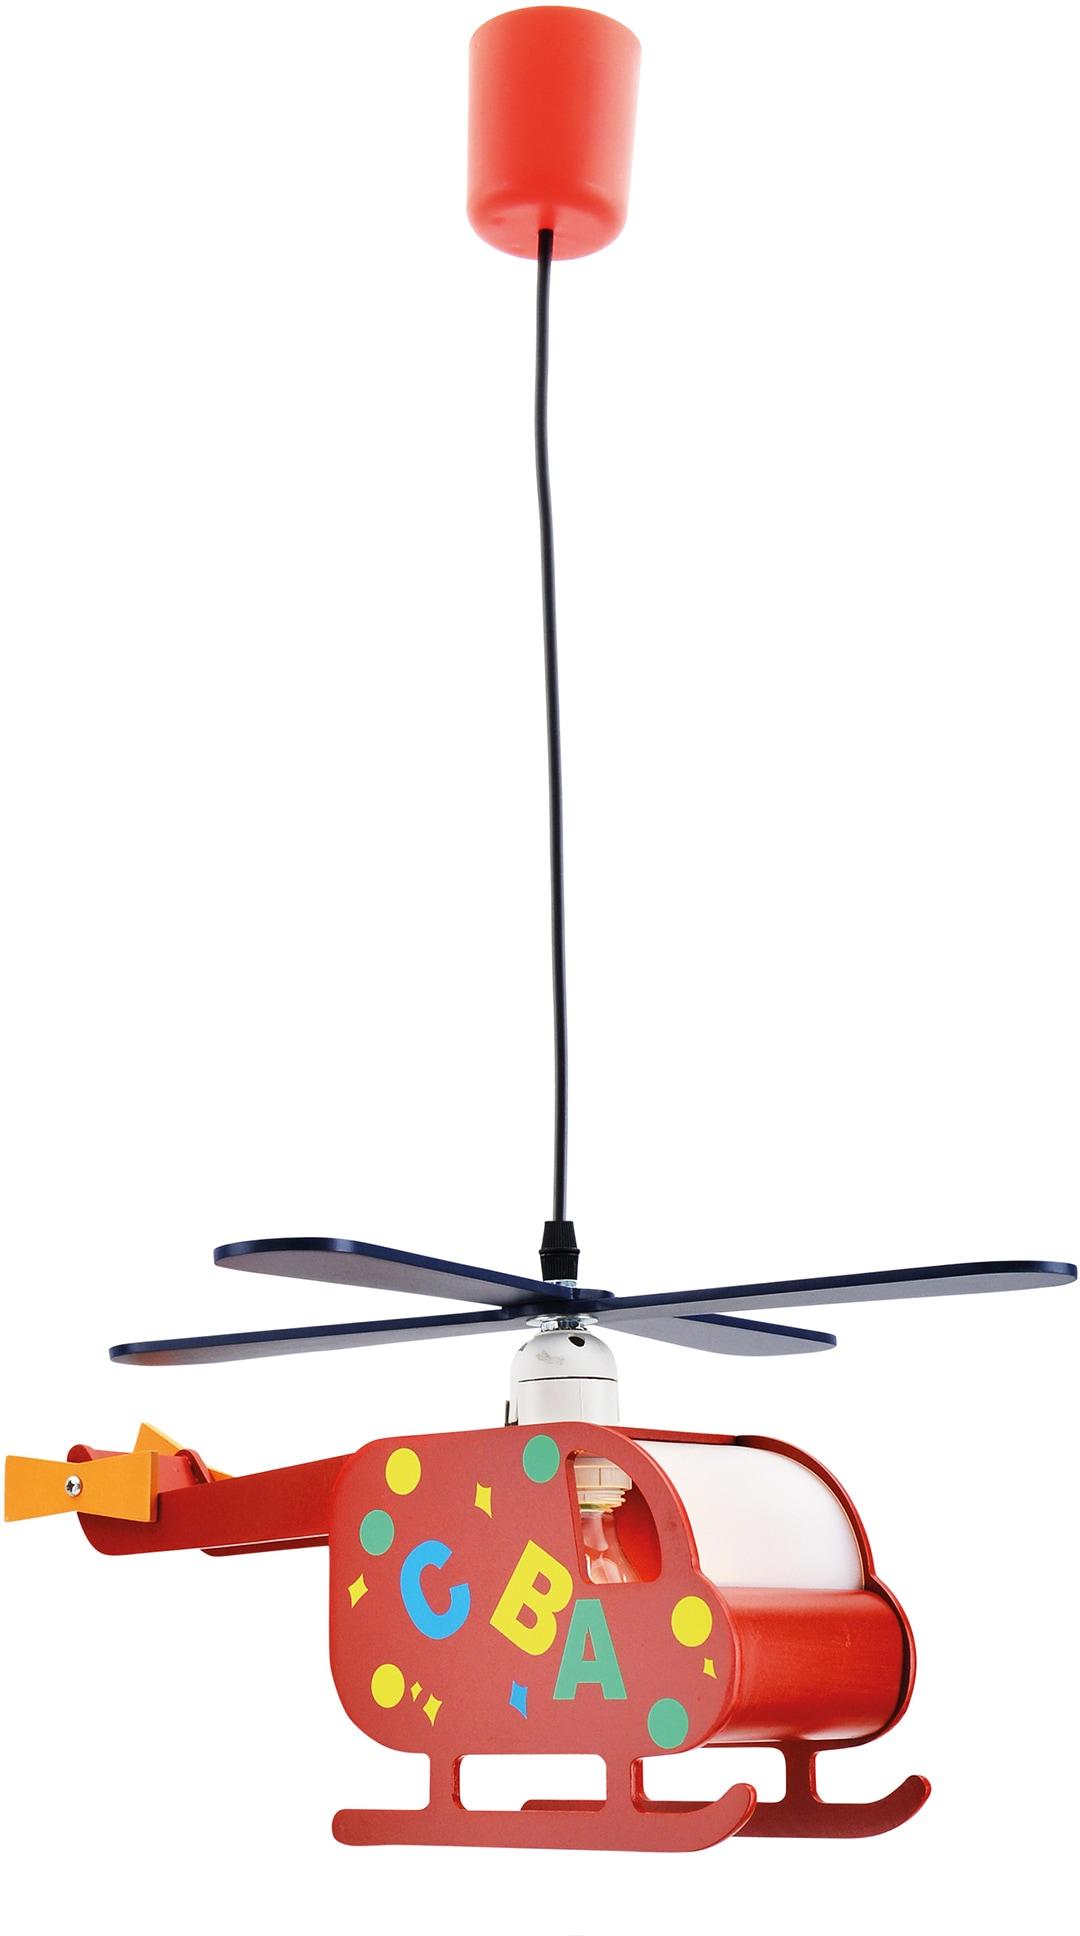 näve Pendelleuchte Hubert, E27, 1 St., Form eines Hubschraubers